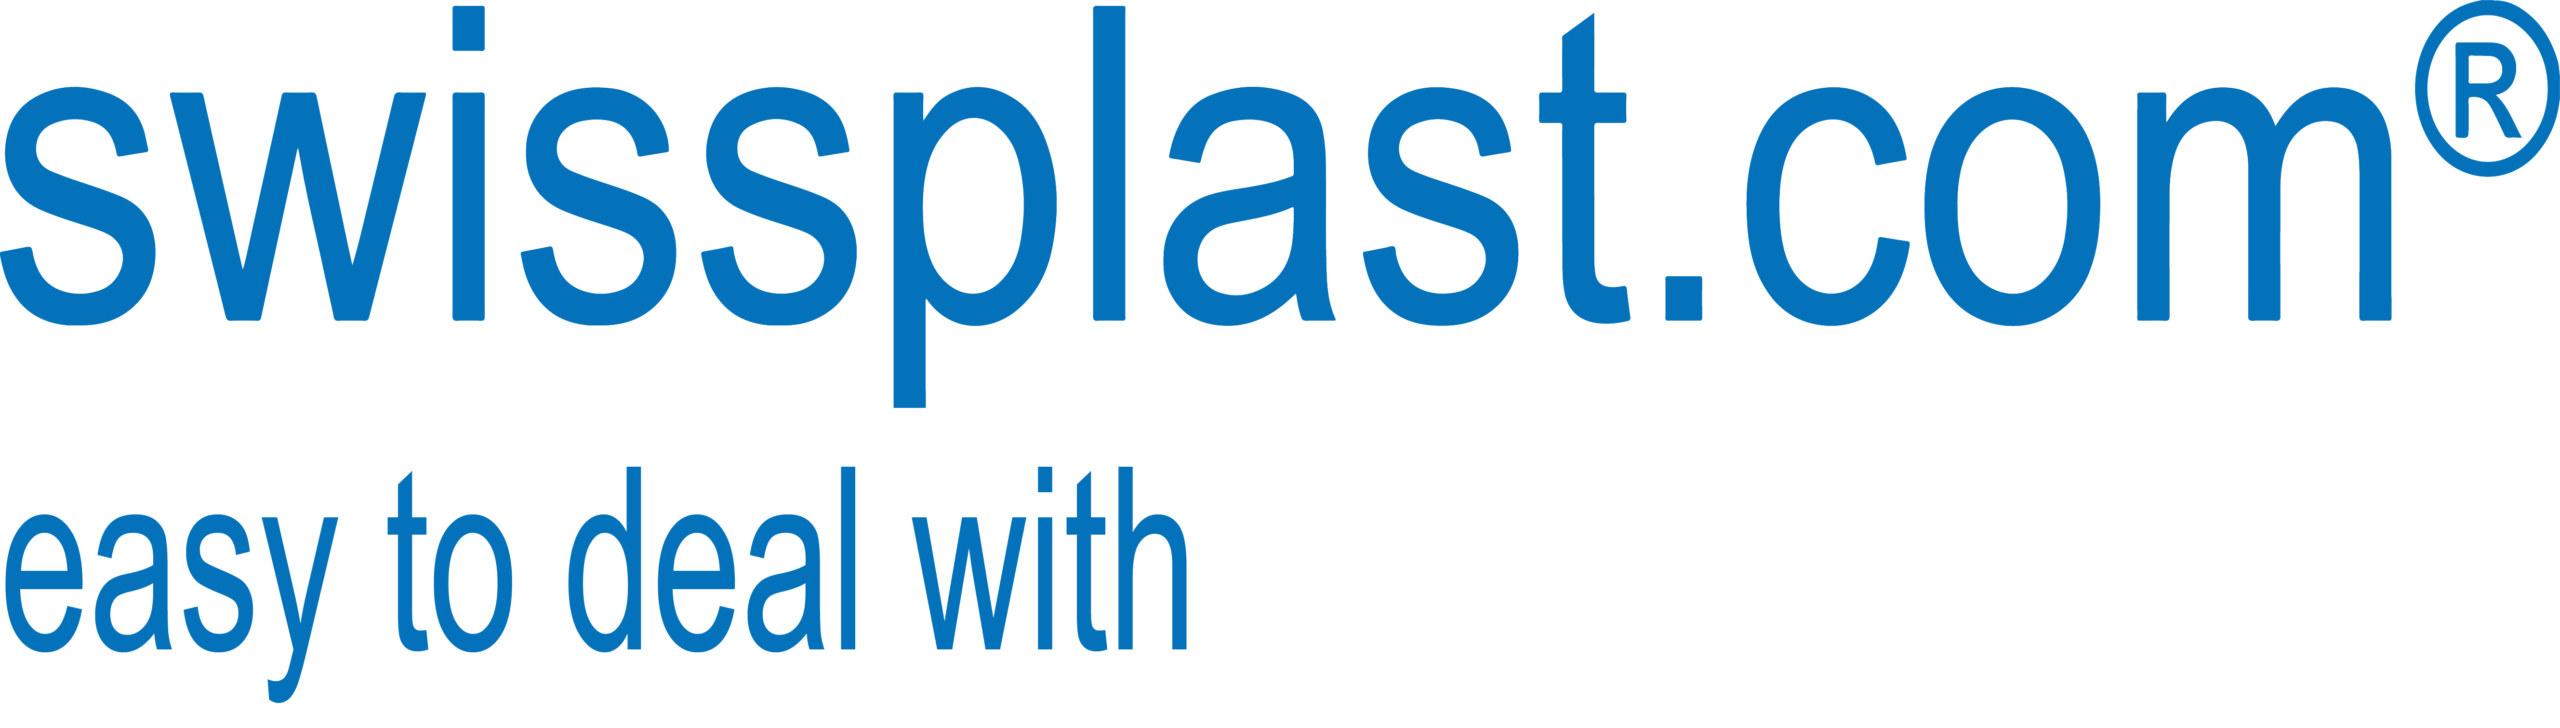 swissplast.com Logo